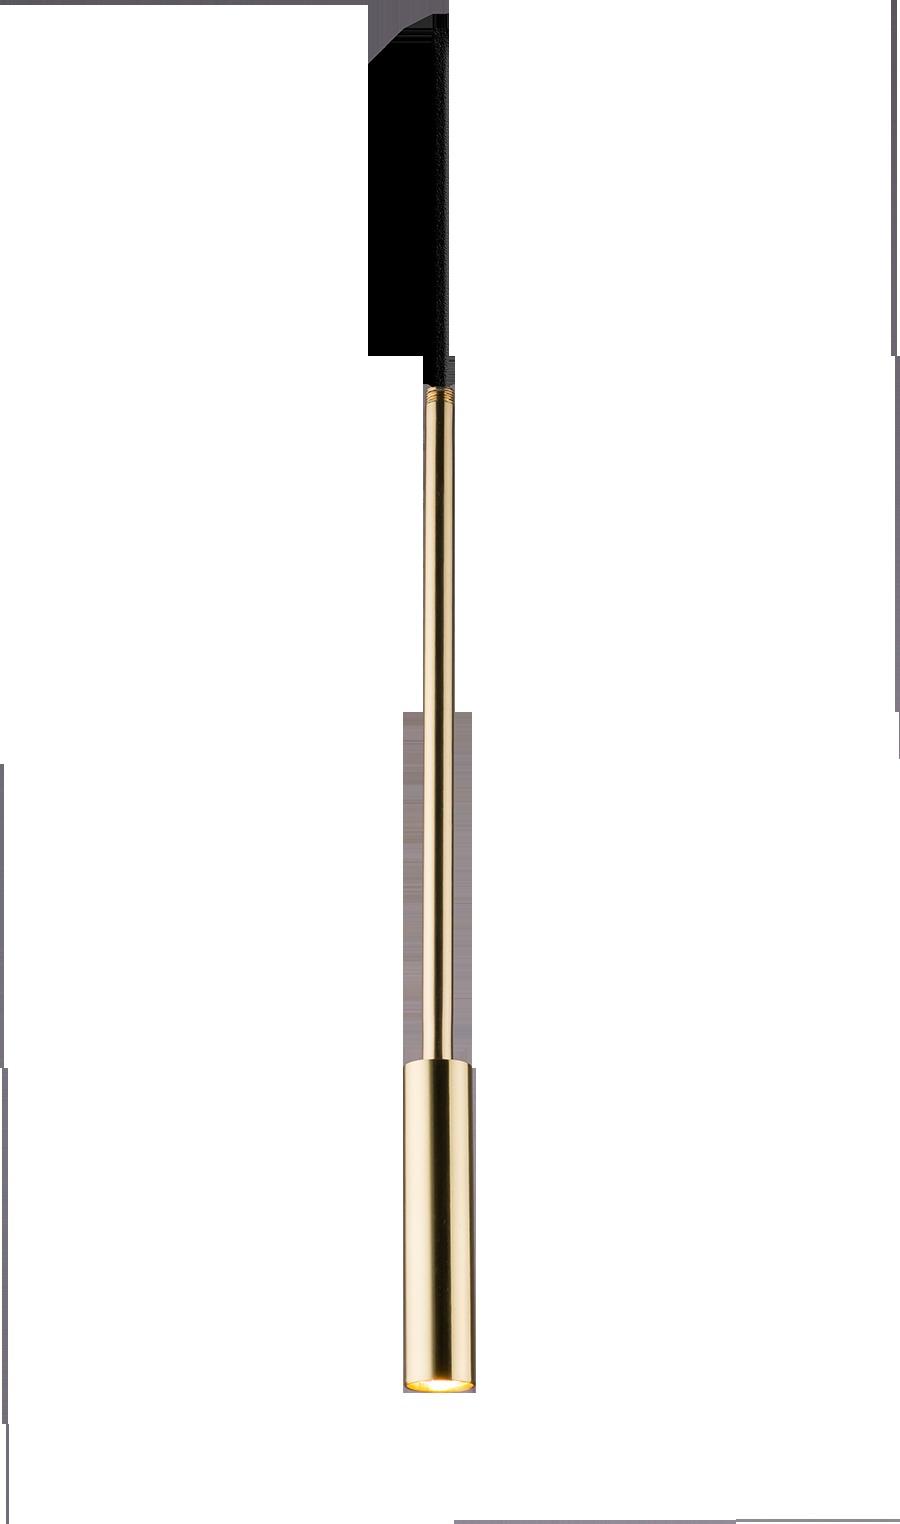 Lampa wisząca Lara 1 Złoty 0660 - Amplex // Rabaty w koszyku i darmowa dostawa od 299zł !